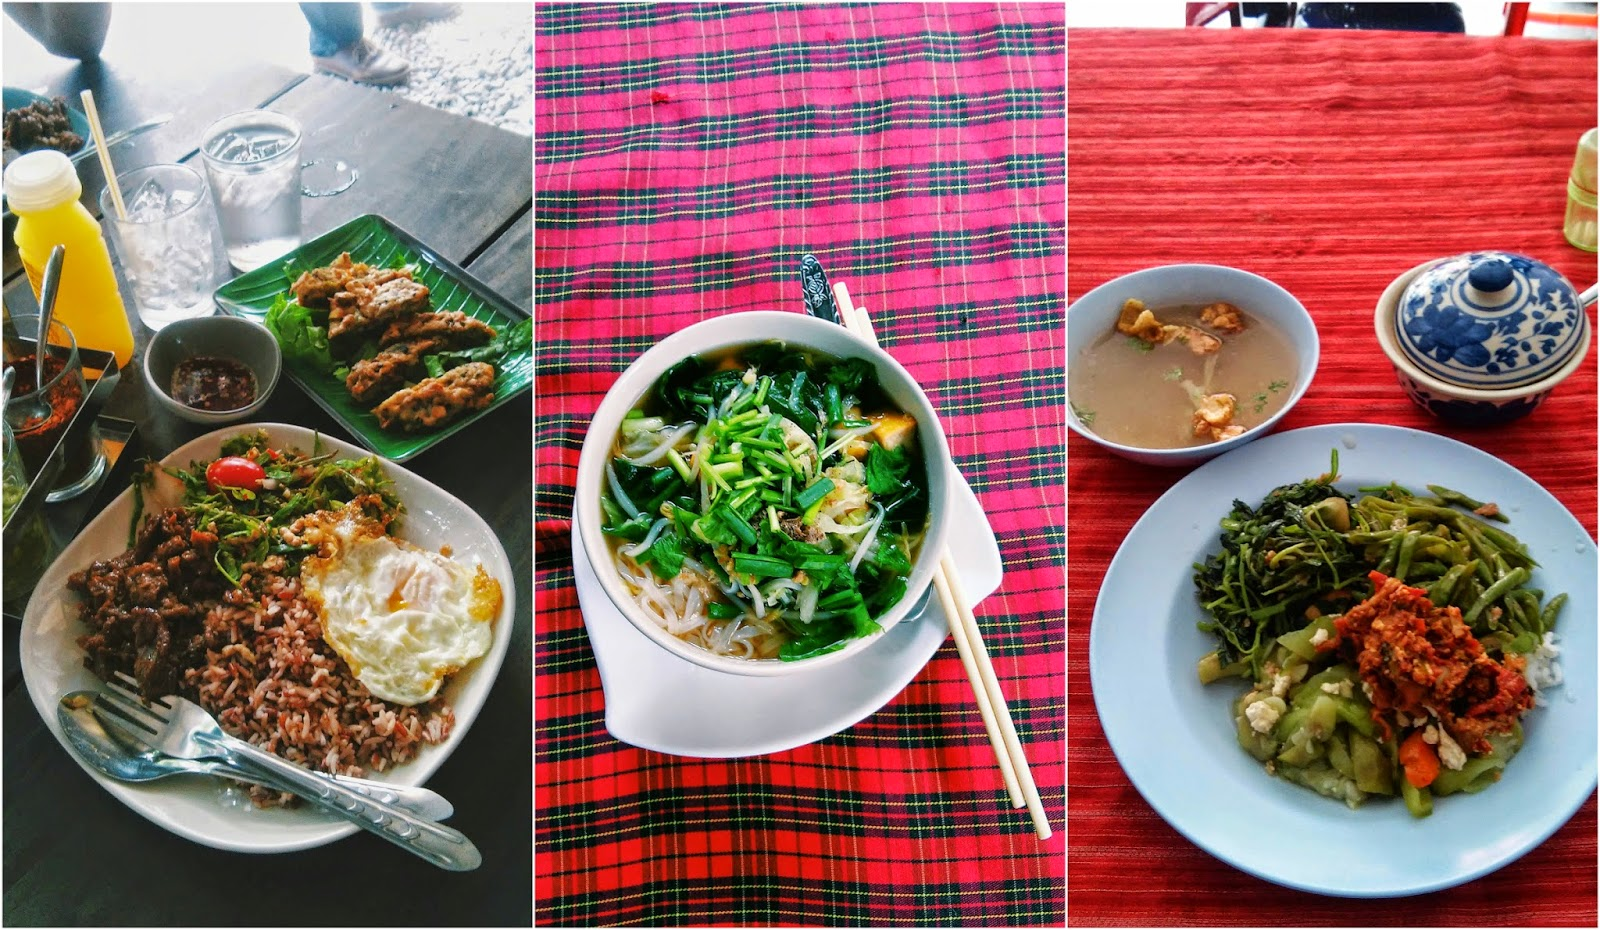 Vegetarian food at Jay shops in Chiang Mai